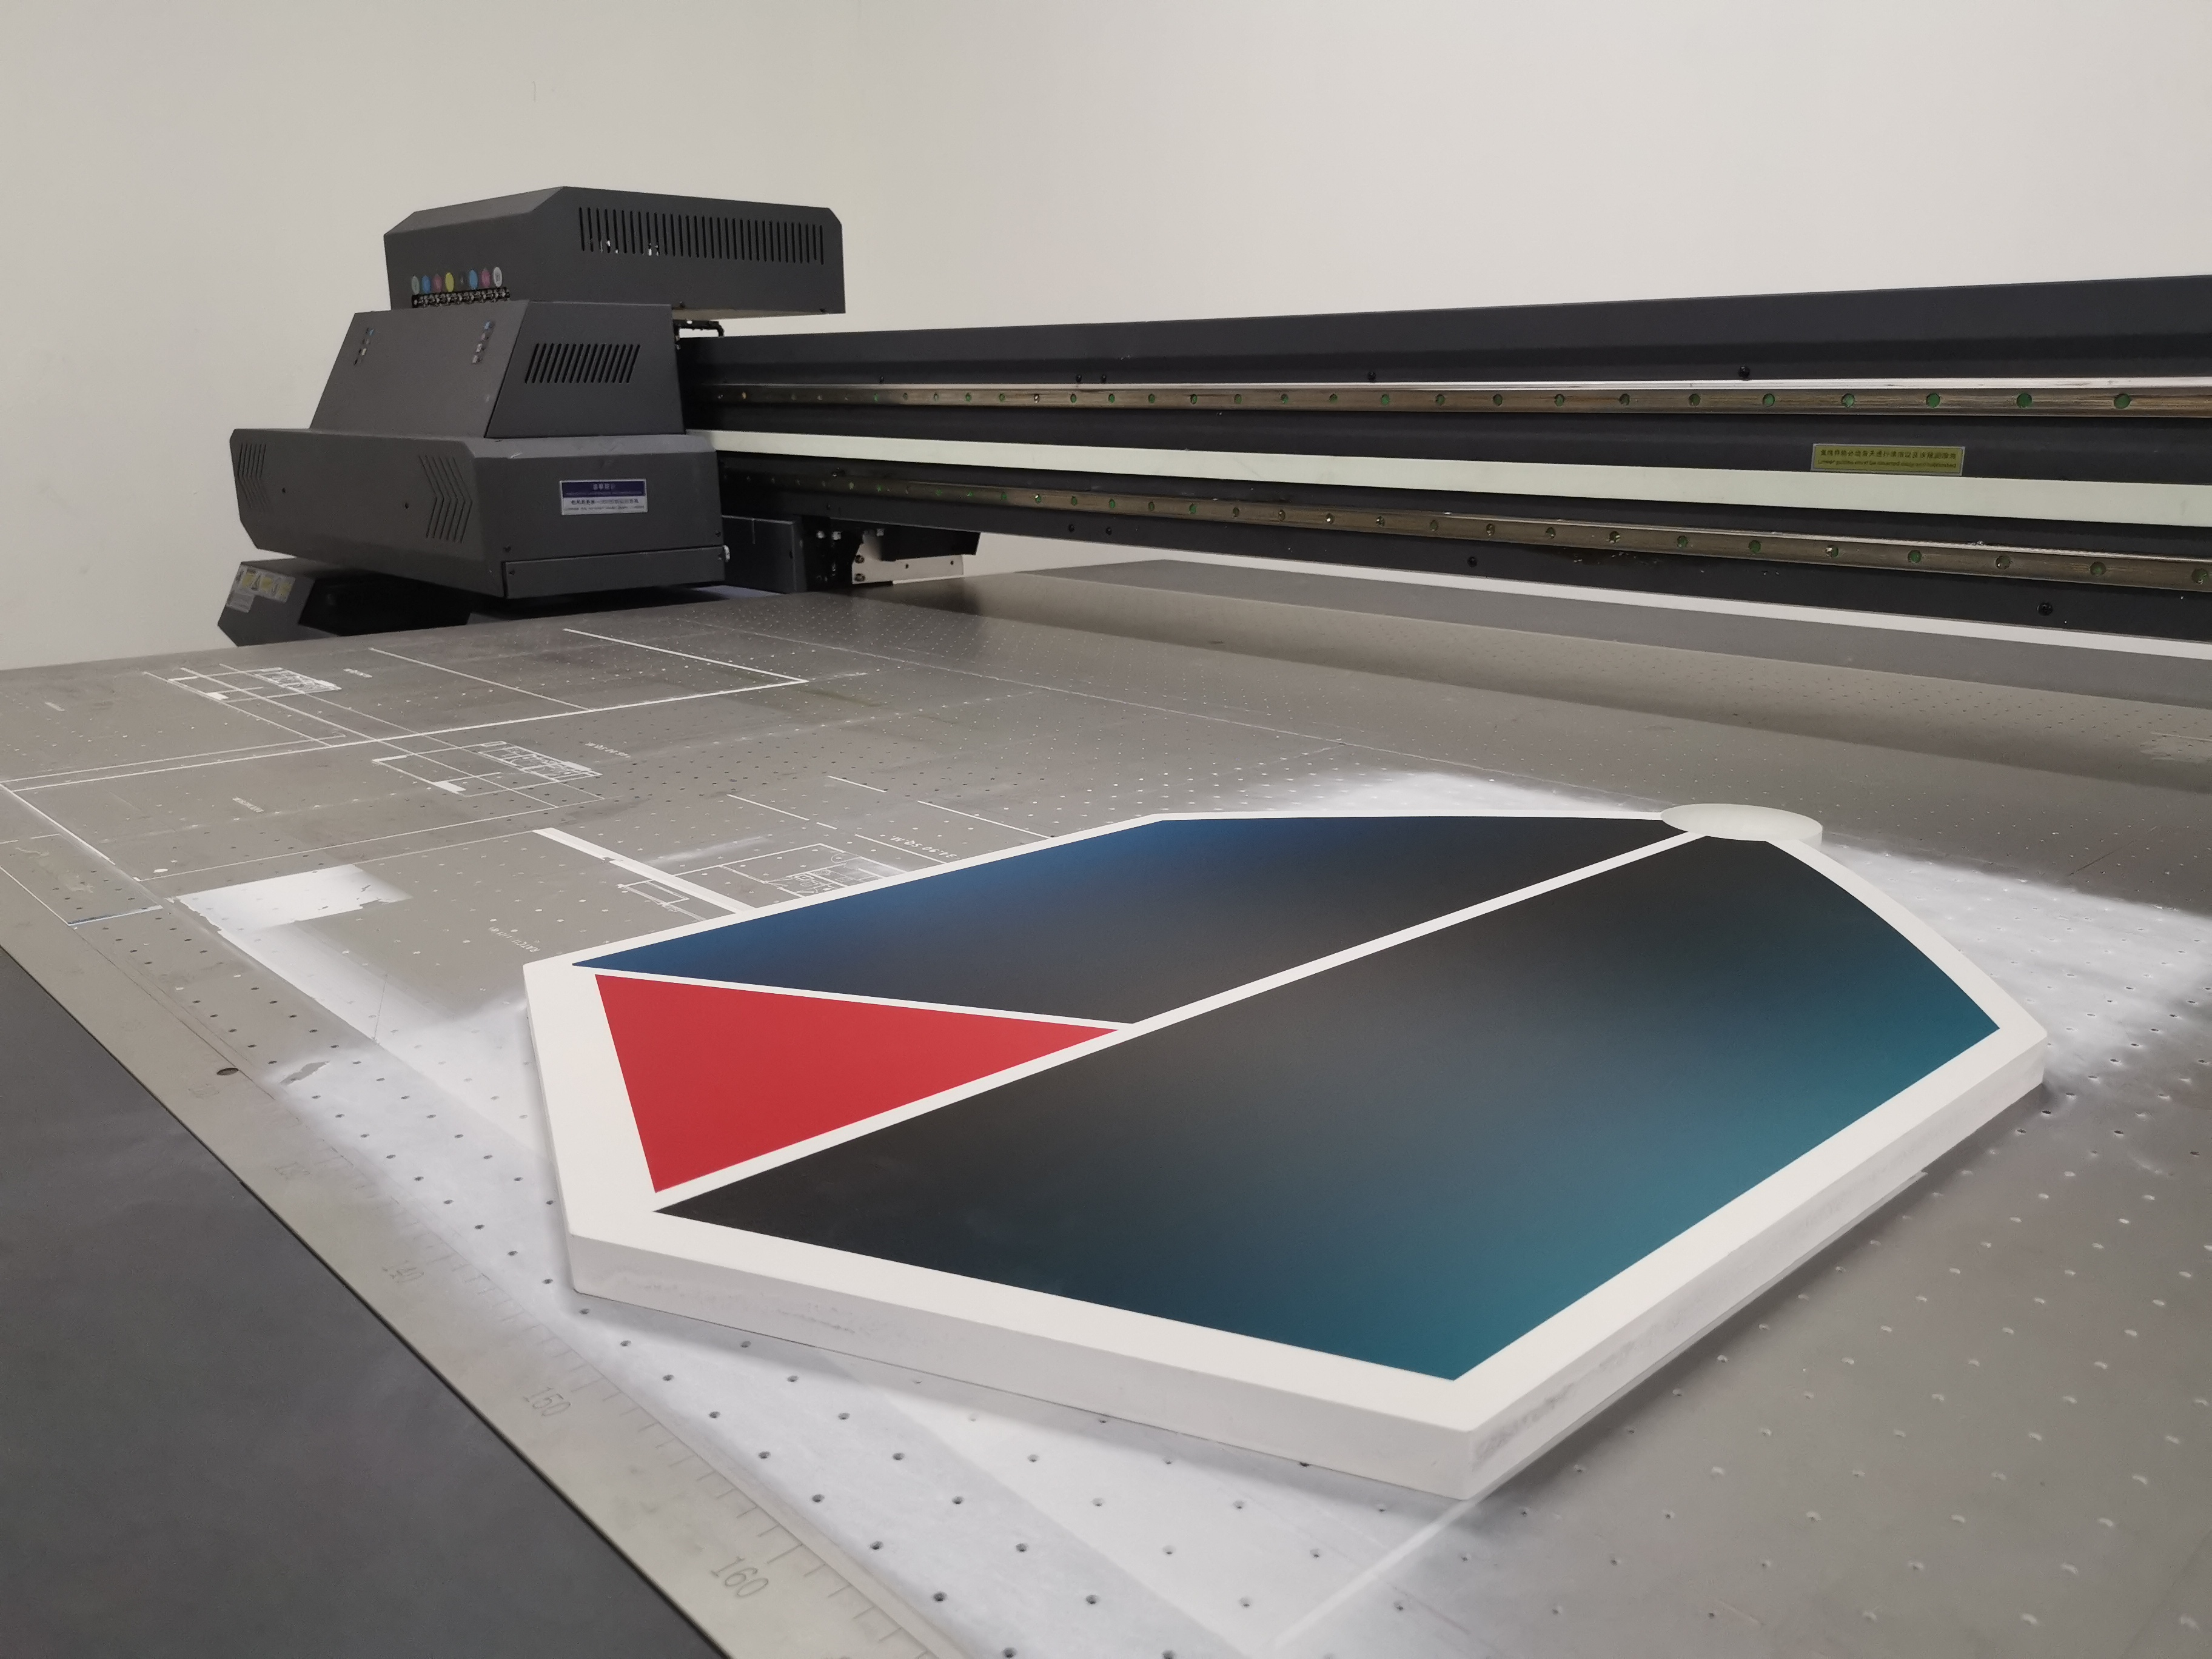 พลาสวูด 20 มิล พิมพ์ UV